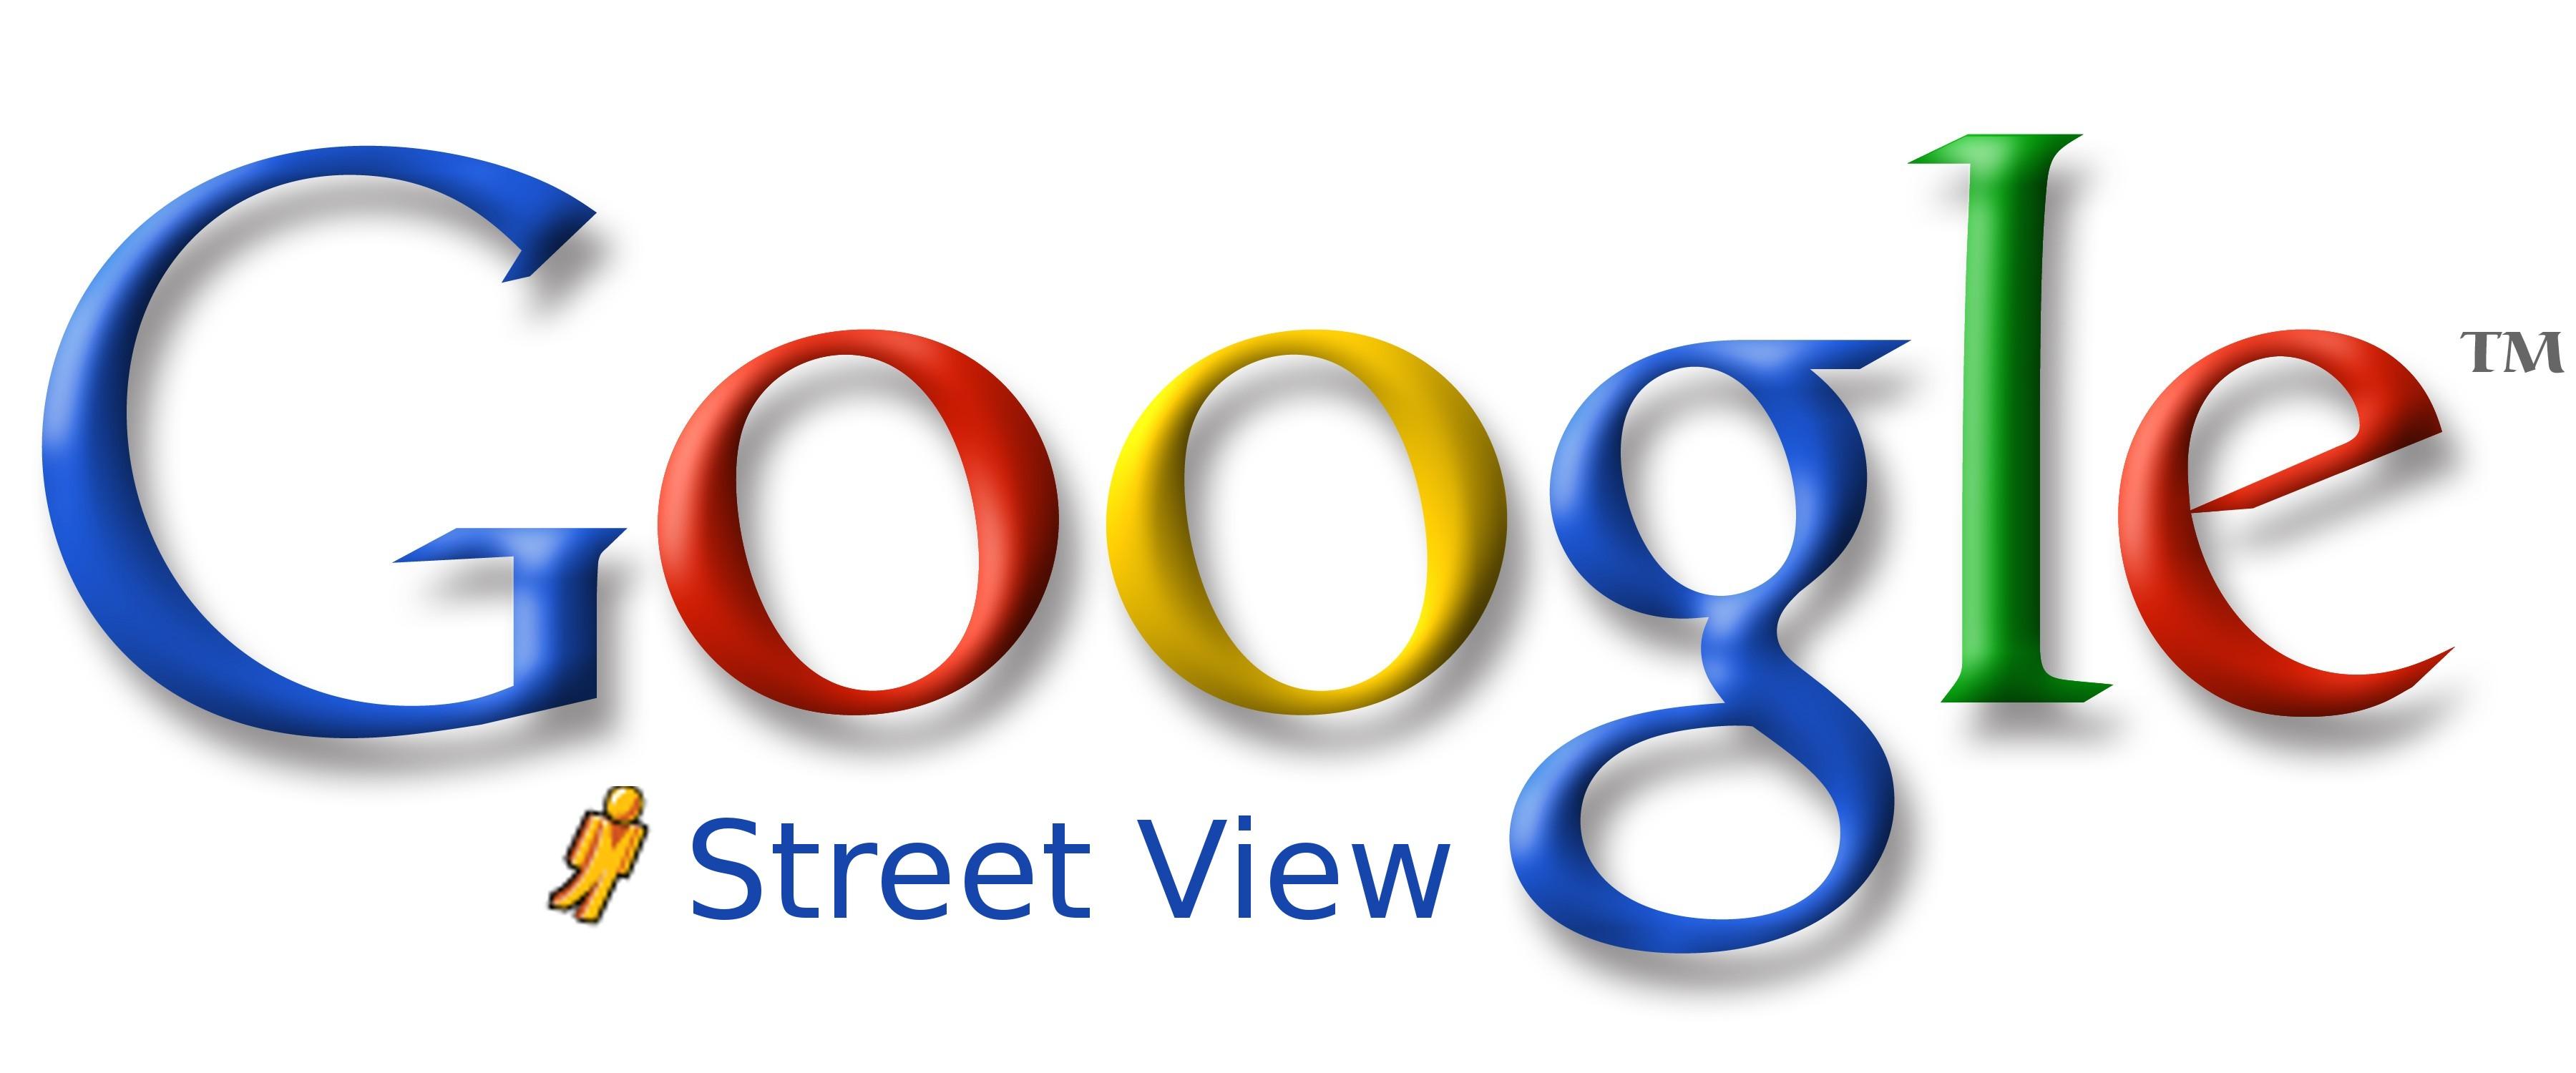 Street View, une importante mise à jour est disponible